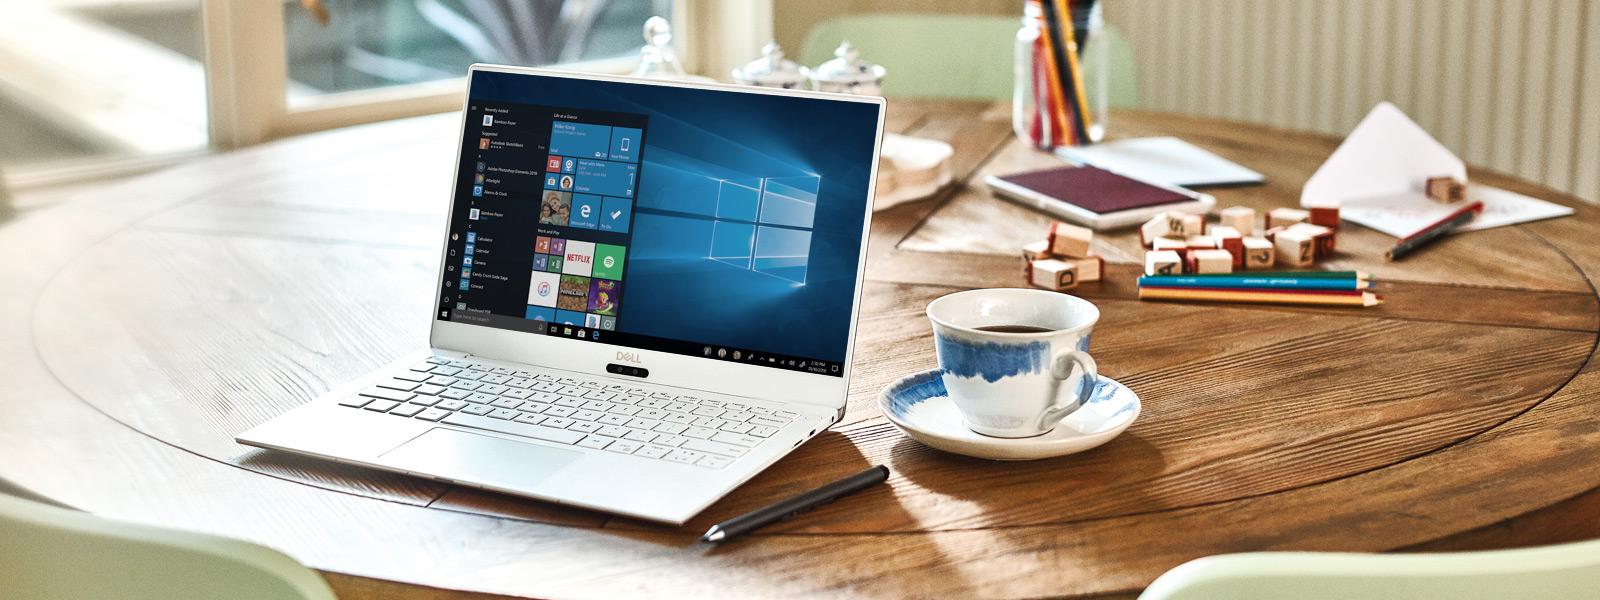 מחשב Dell XPS 13 9370 מונח פתוח על שולחן עם מסך פתיחה של Windows 10.